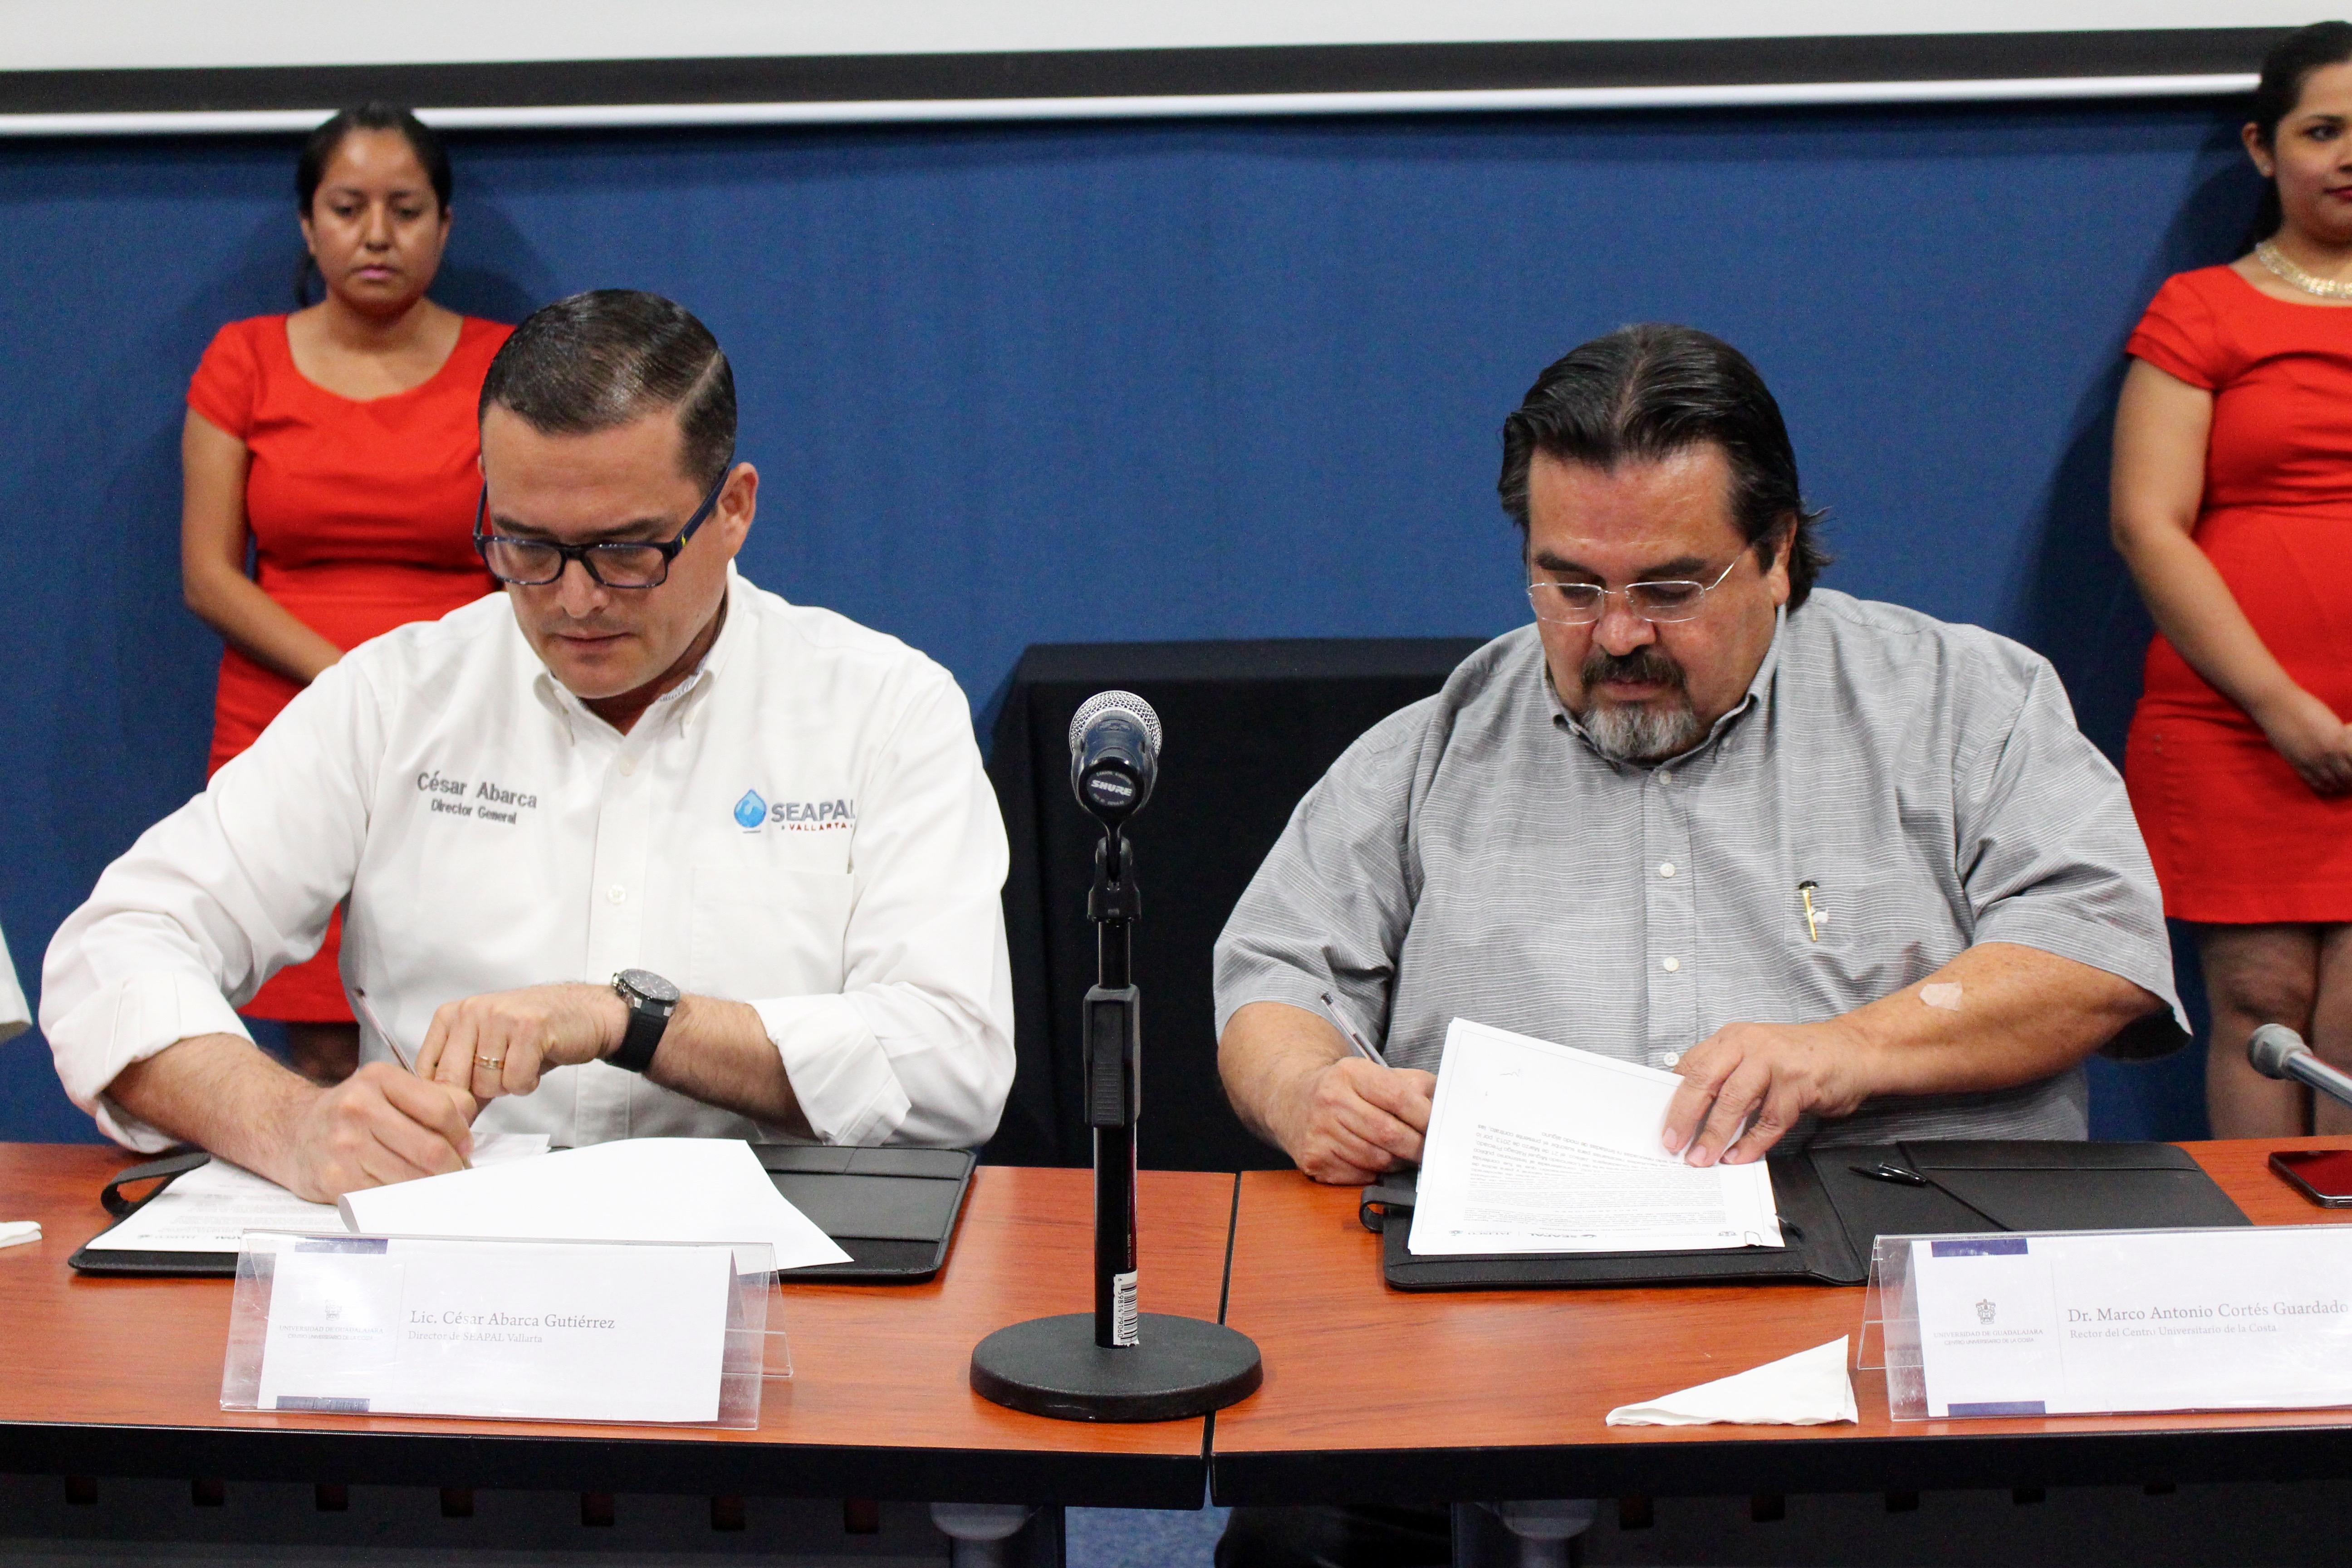 Rector del CUCosta, doctor Marco Antonio Cortés Guardado, y el Director general del Seapal Vallarta, licenciado César Ignacio Abarca Gutiérrez. en firma de convenio